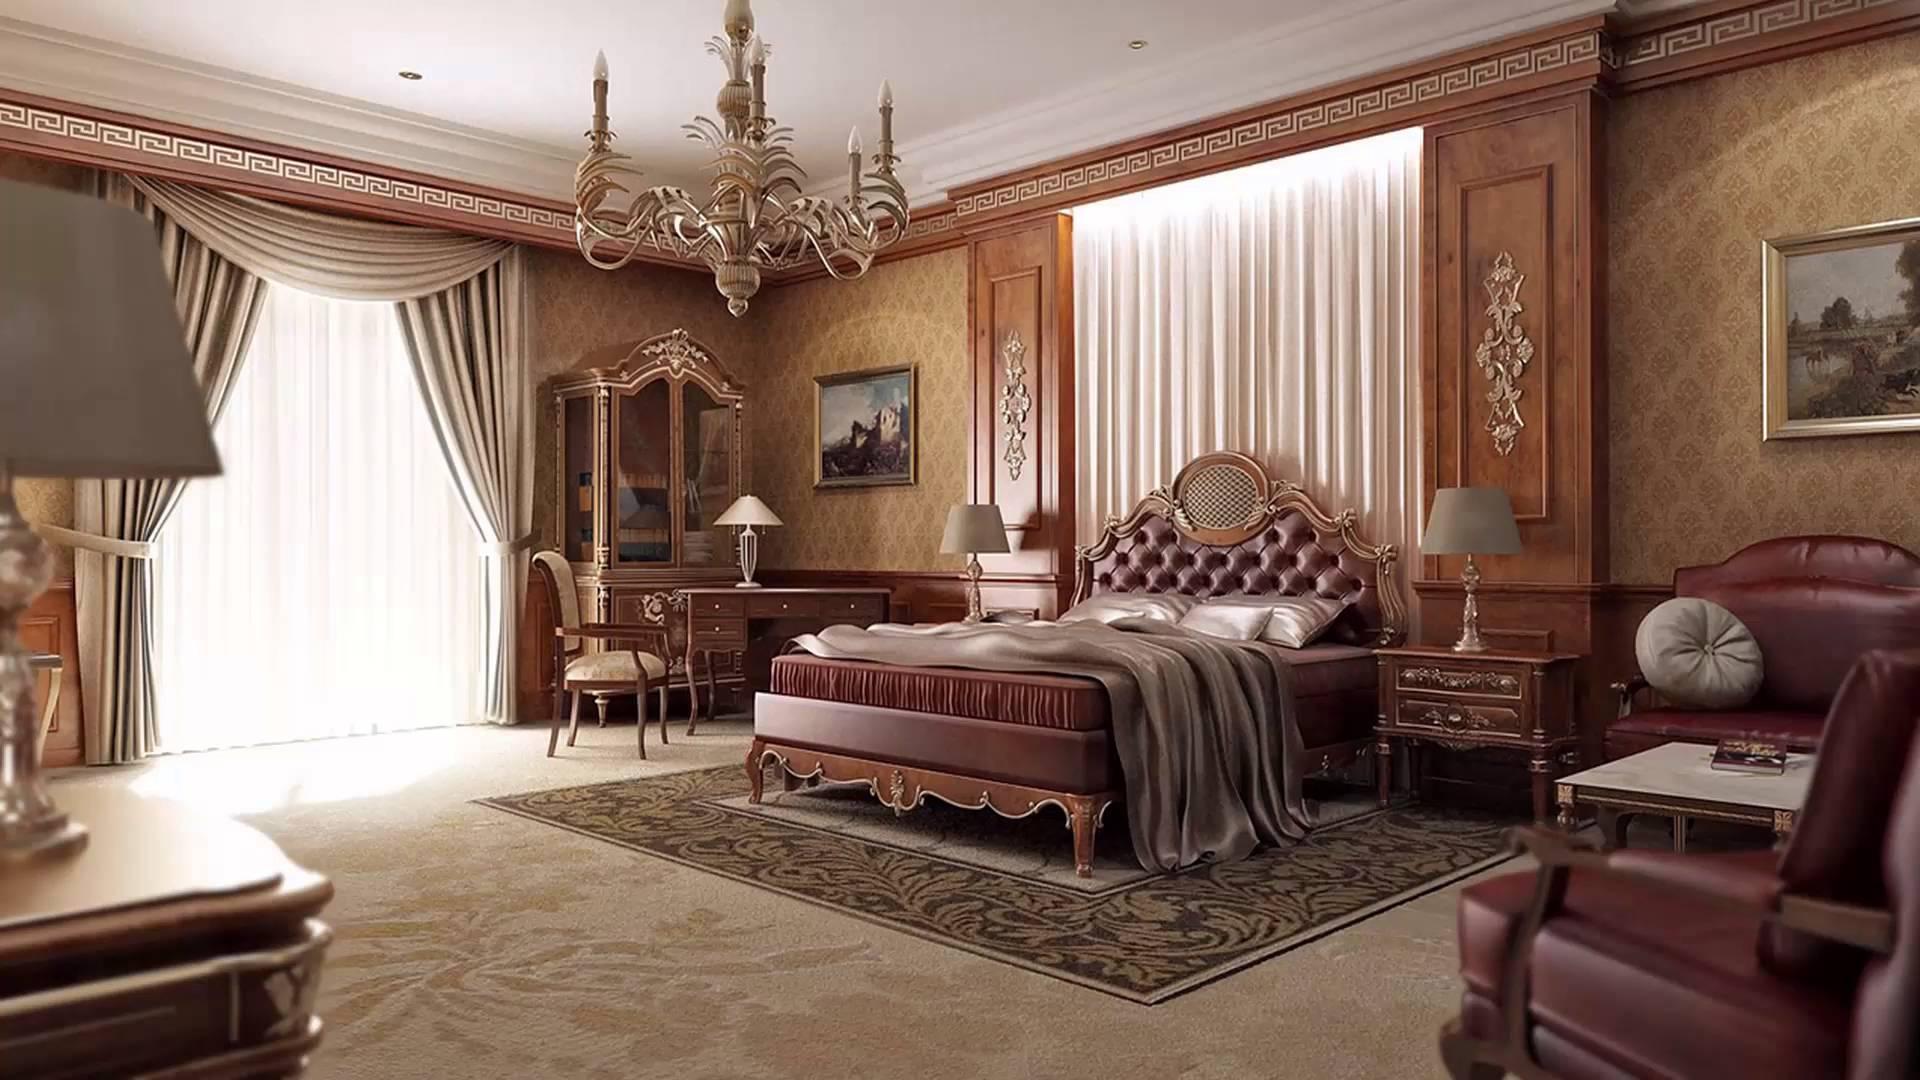 بالصور غرف نوم عرسان , اروع غرف نوم لمنزلك 5189 3